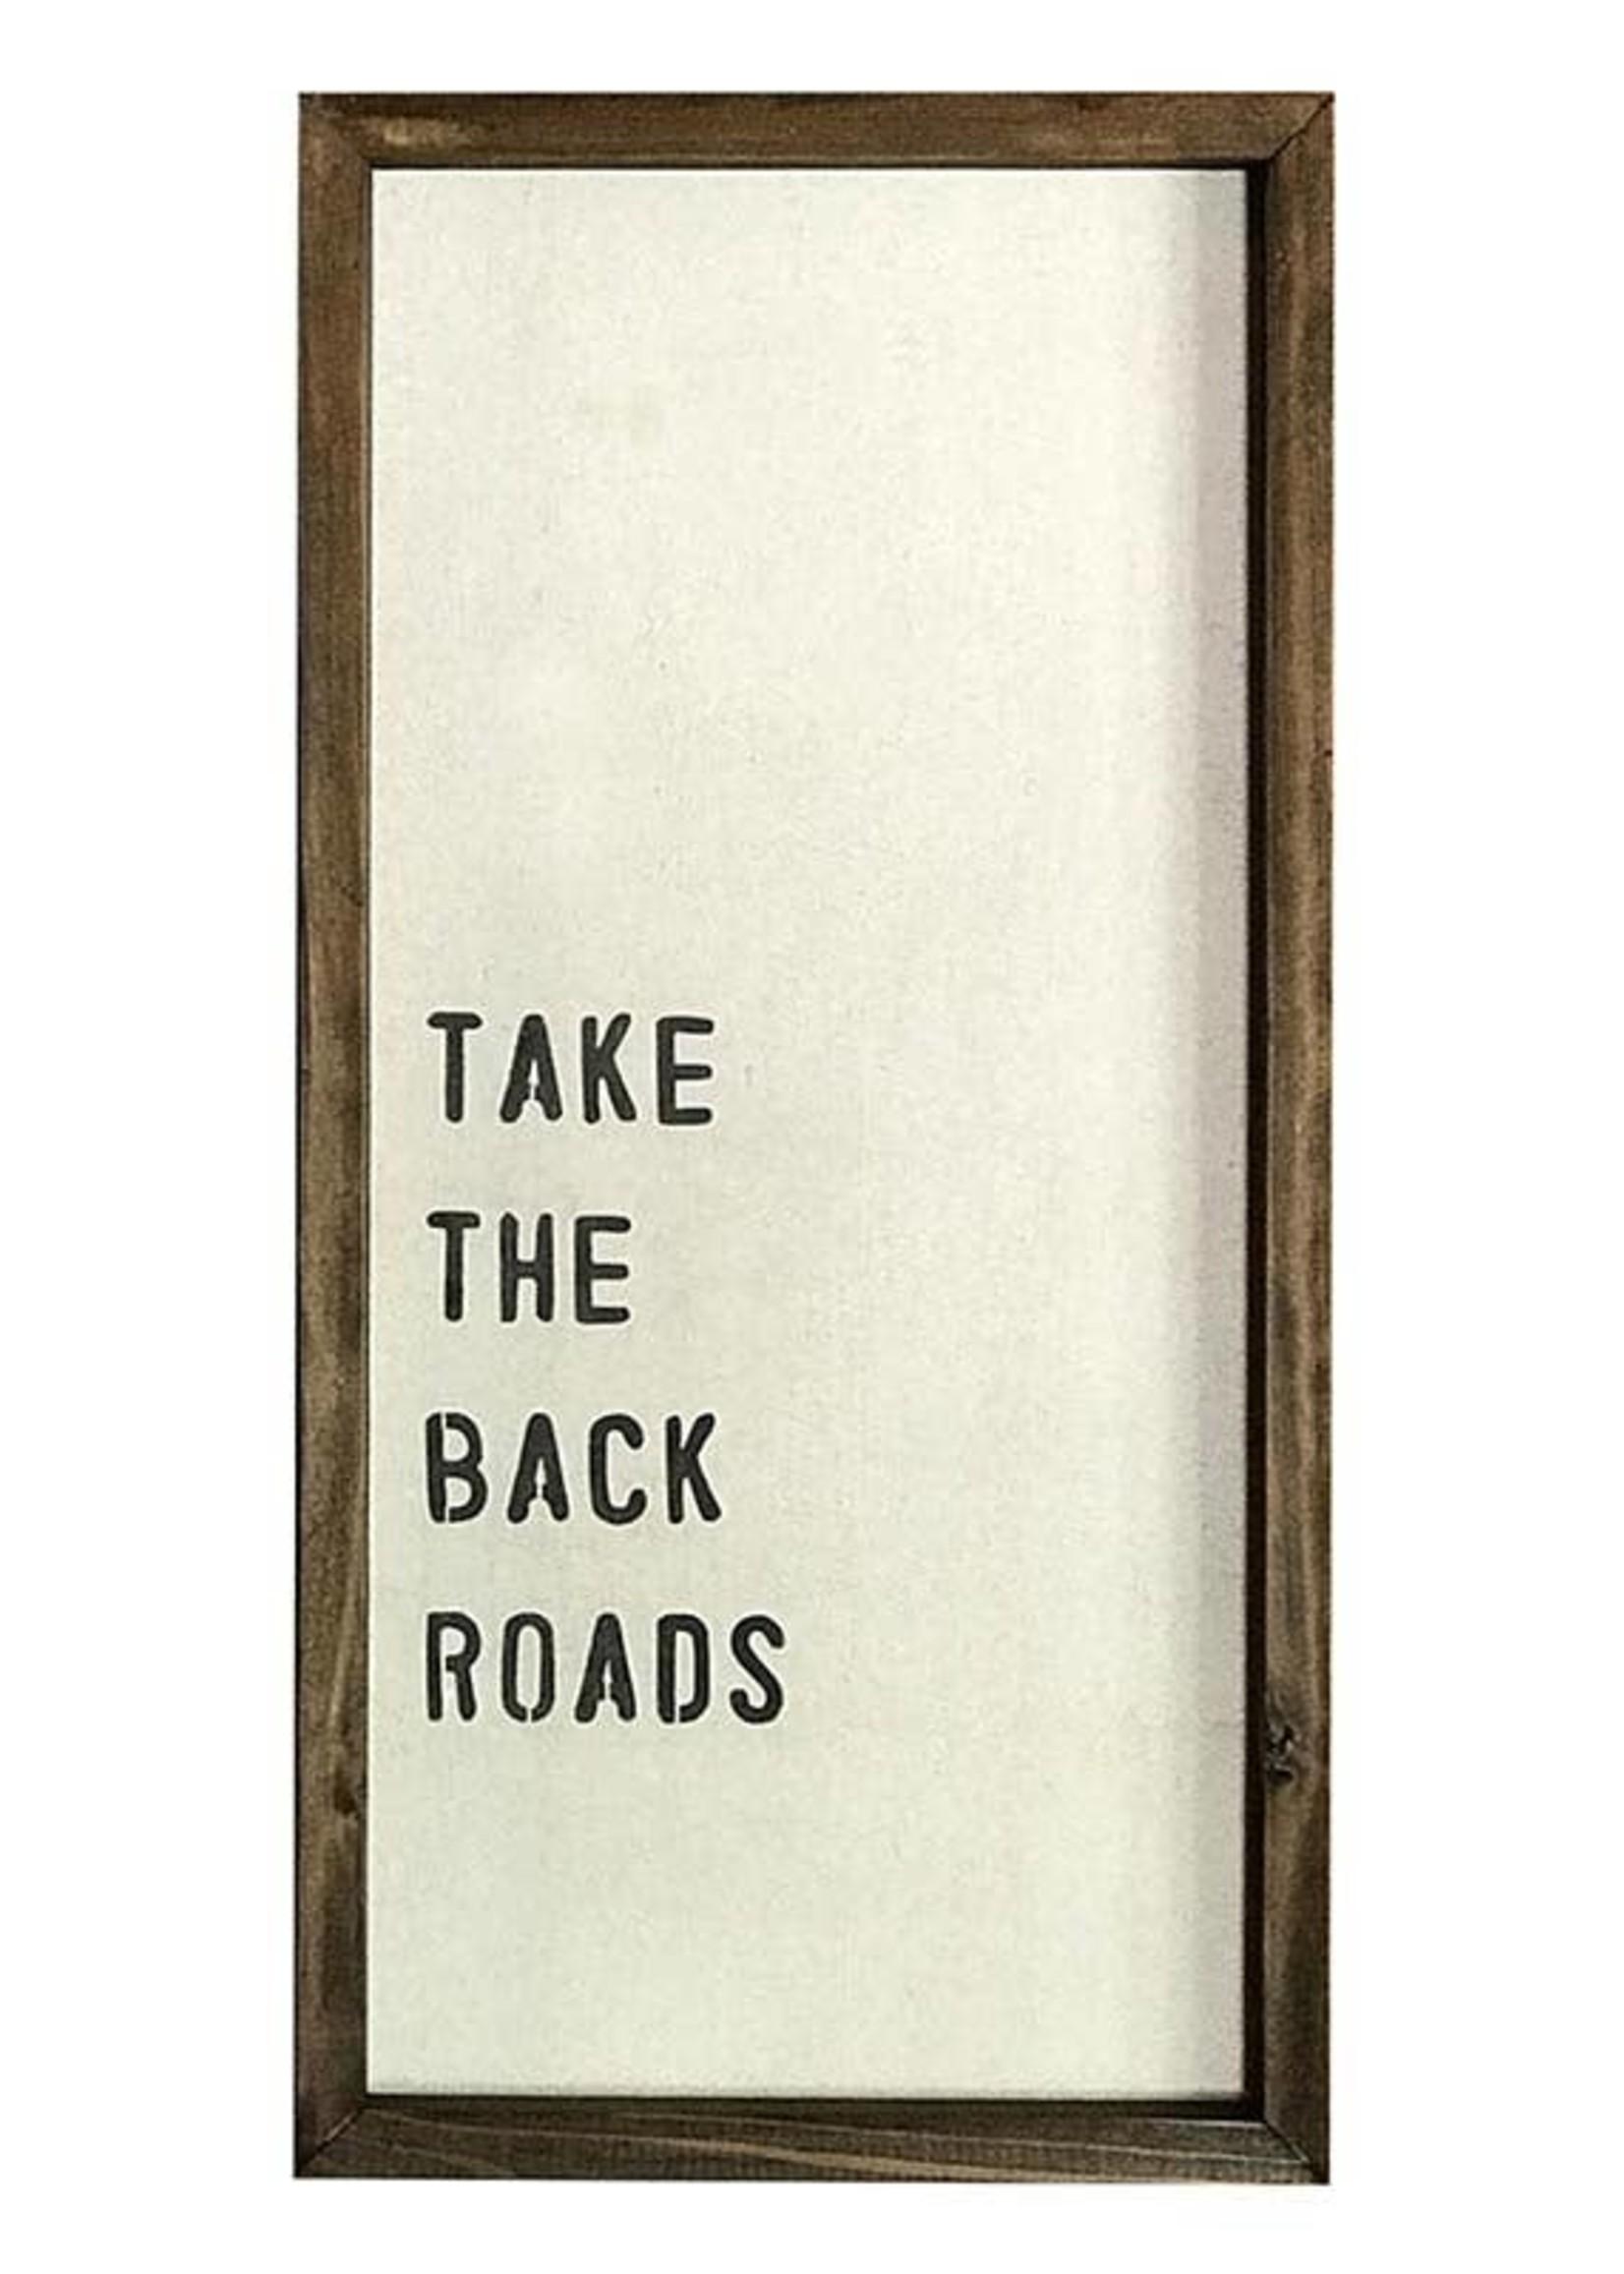 Back Roads Framed Wall Decor